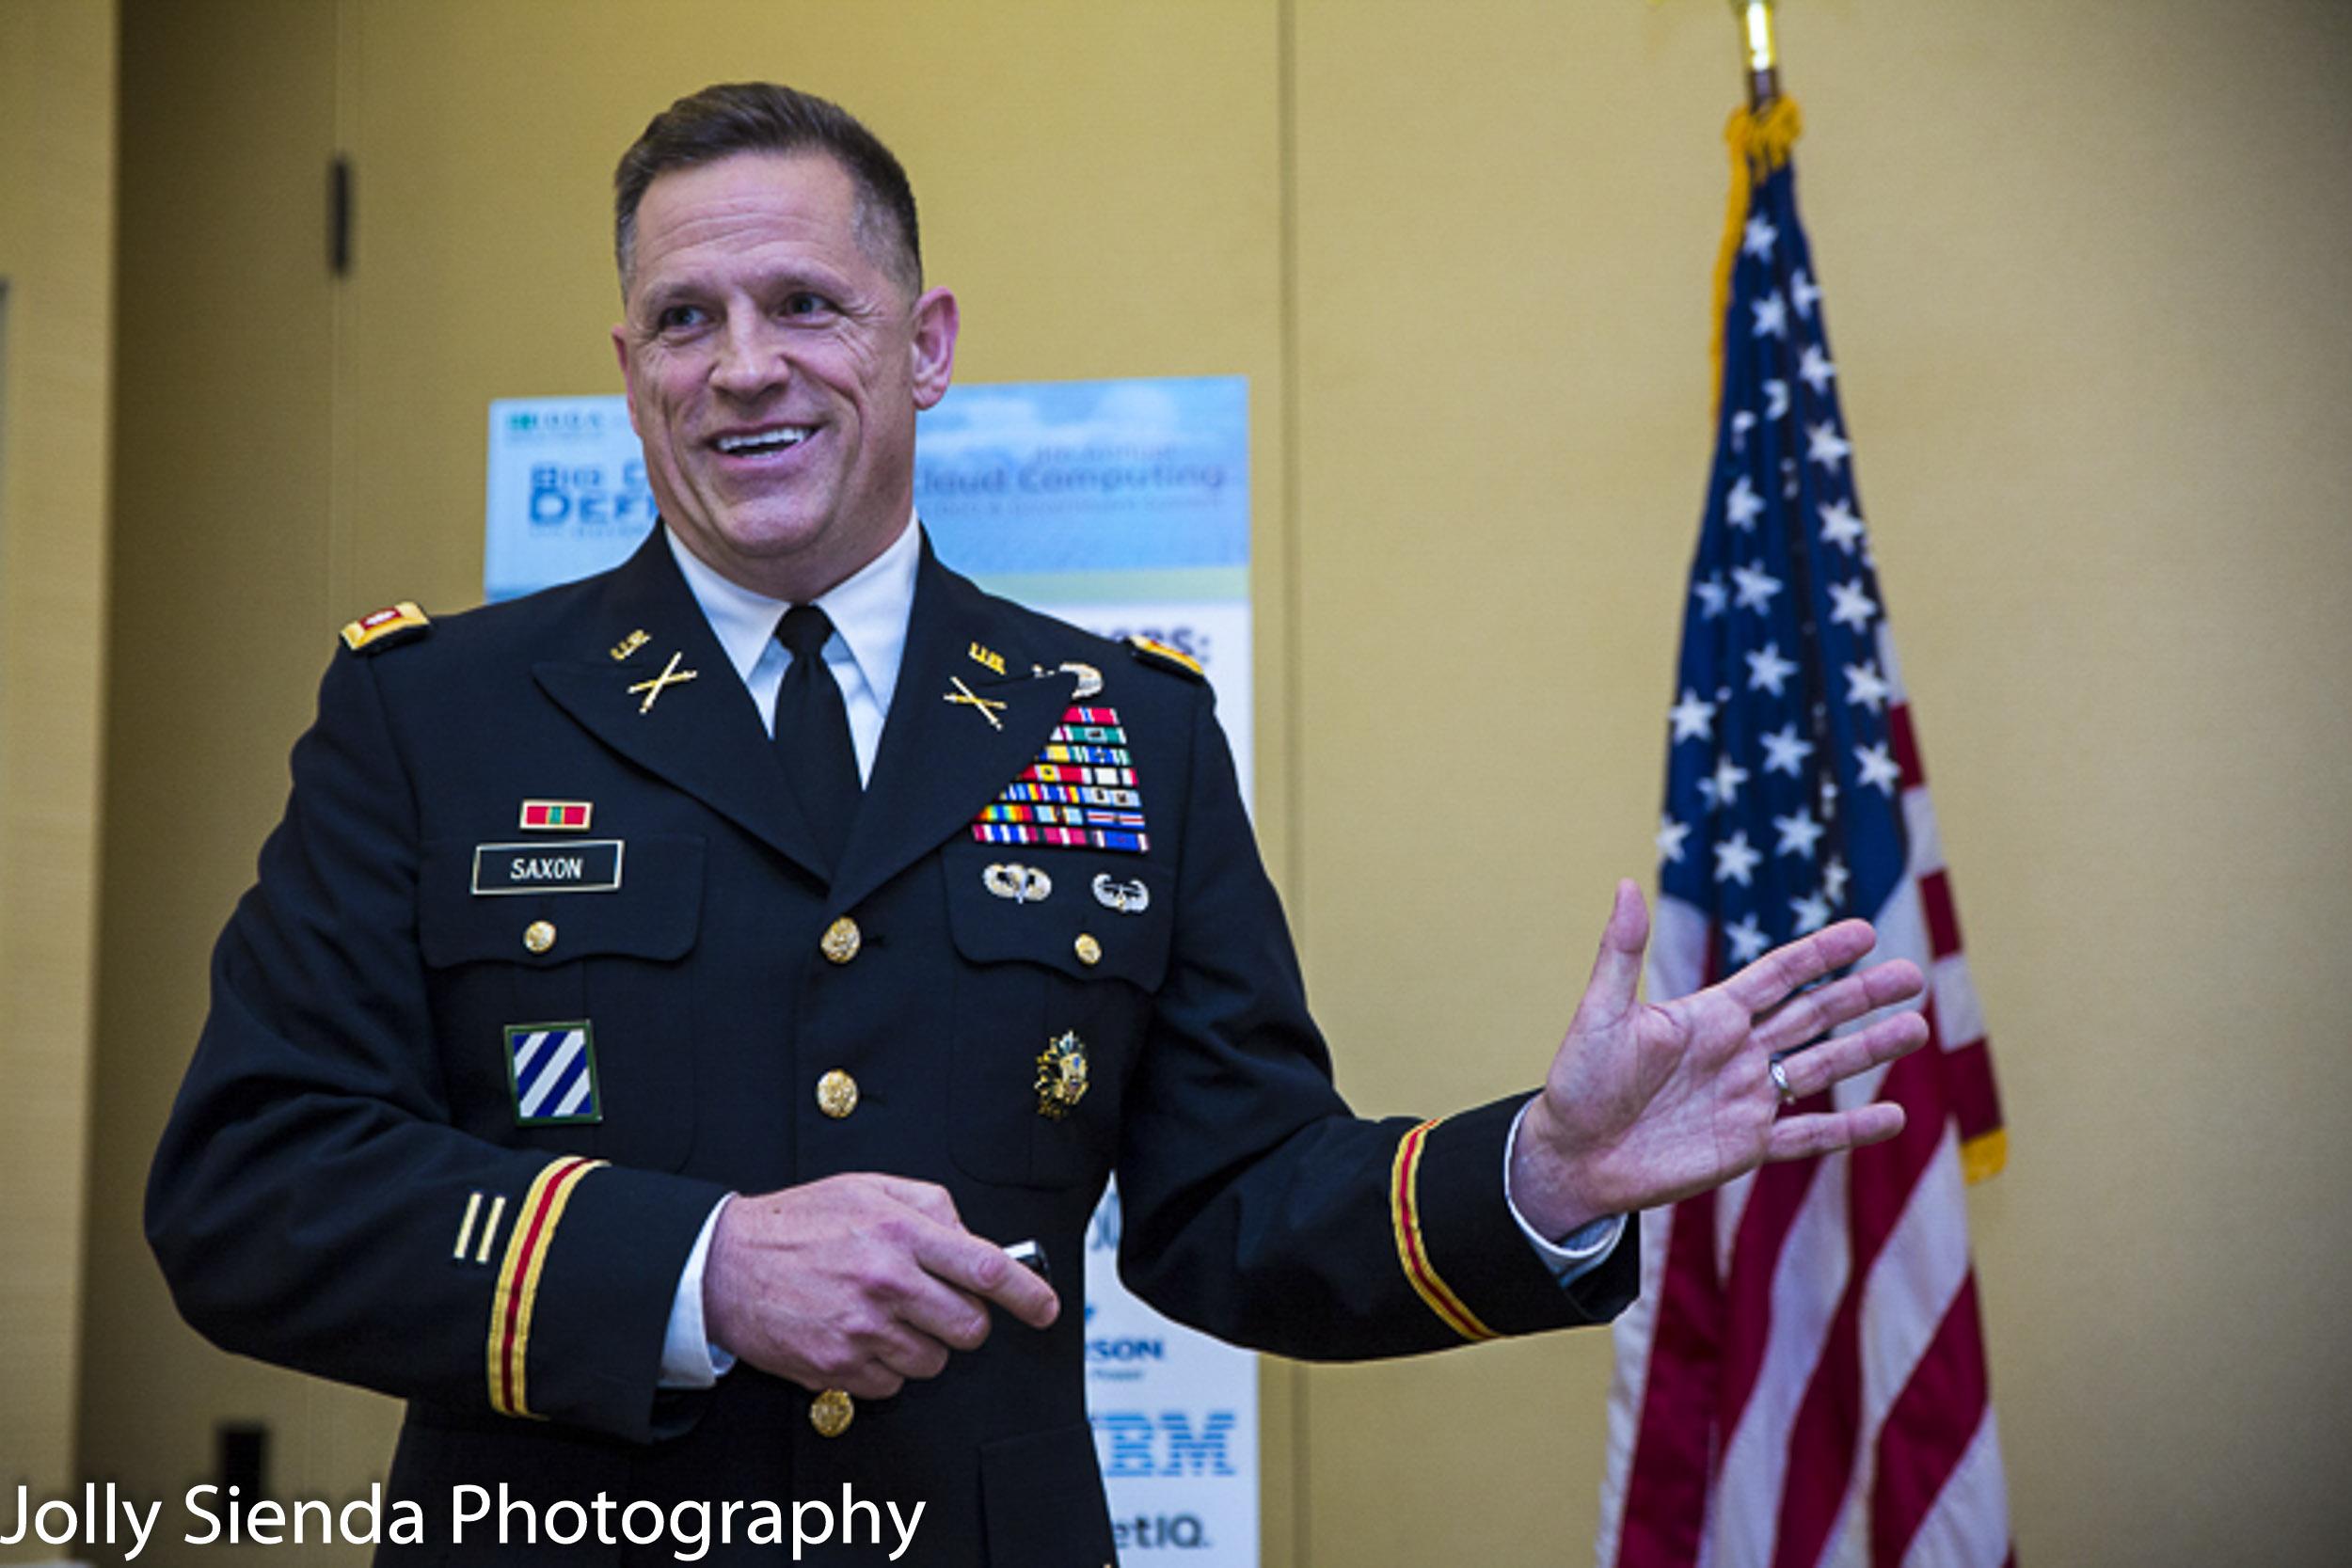 Portrait of Colonel Bobby Saxon, USA